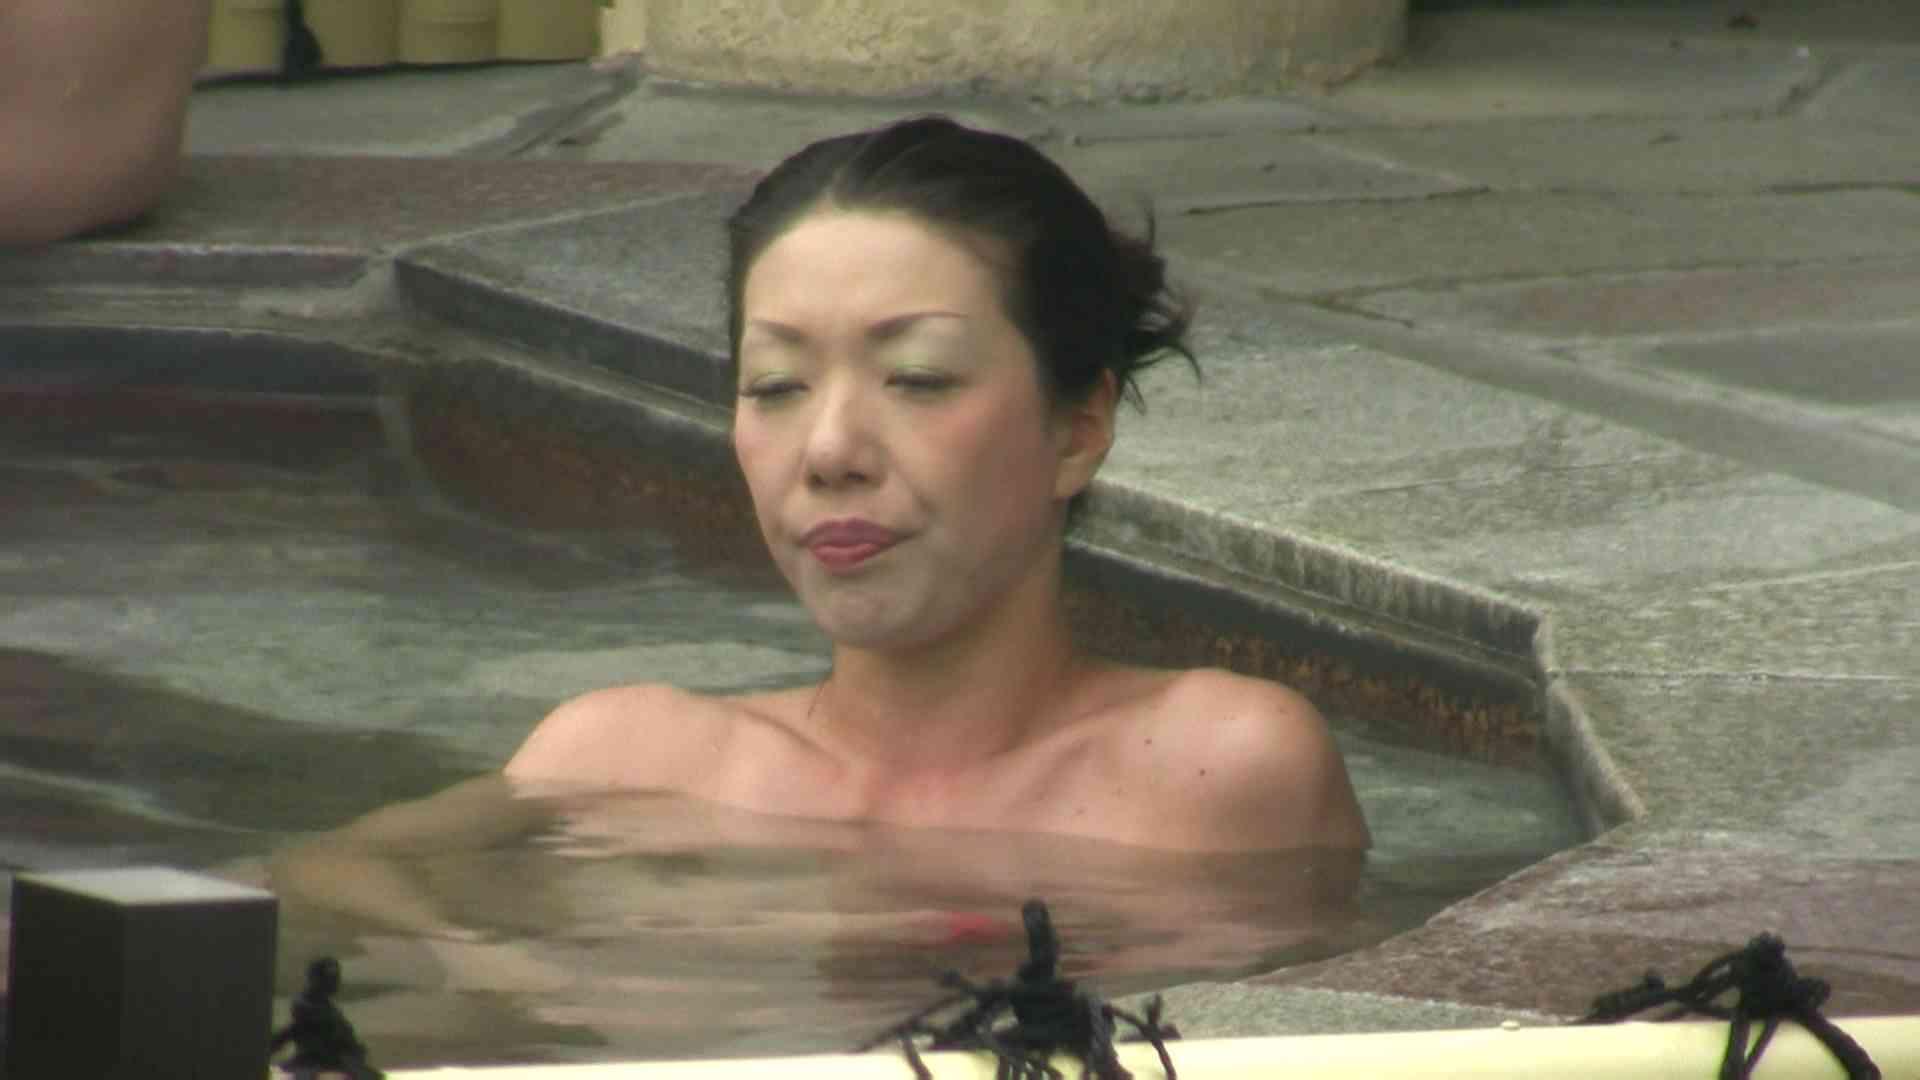 高画質露天女風呂観察 vol.036 高画質 | 女風呂  85pic 3